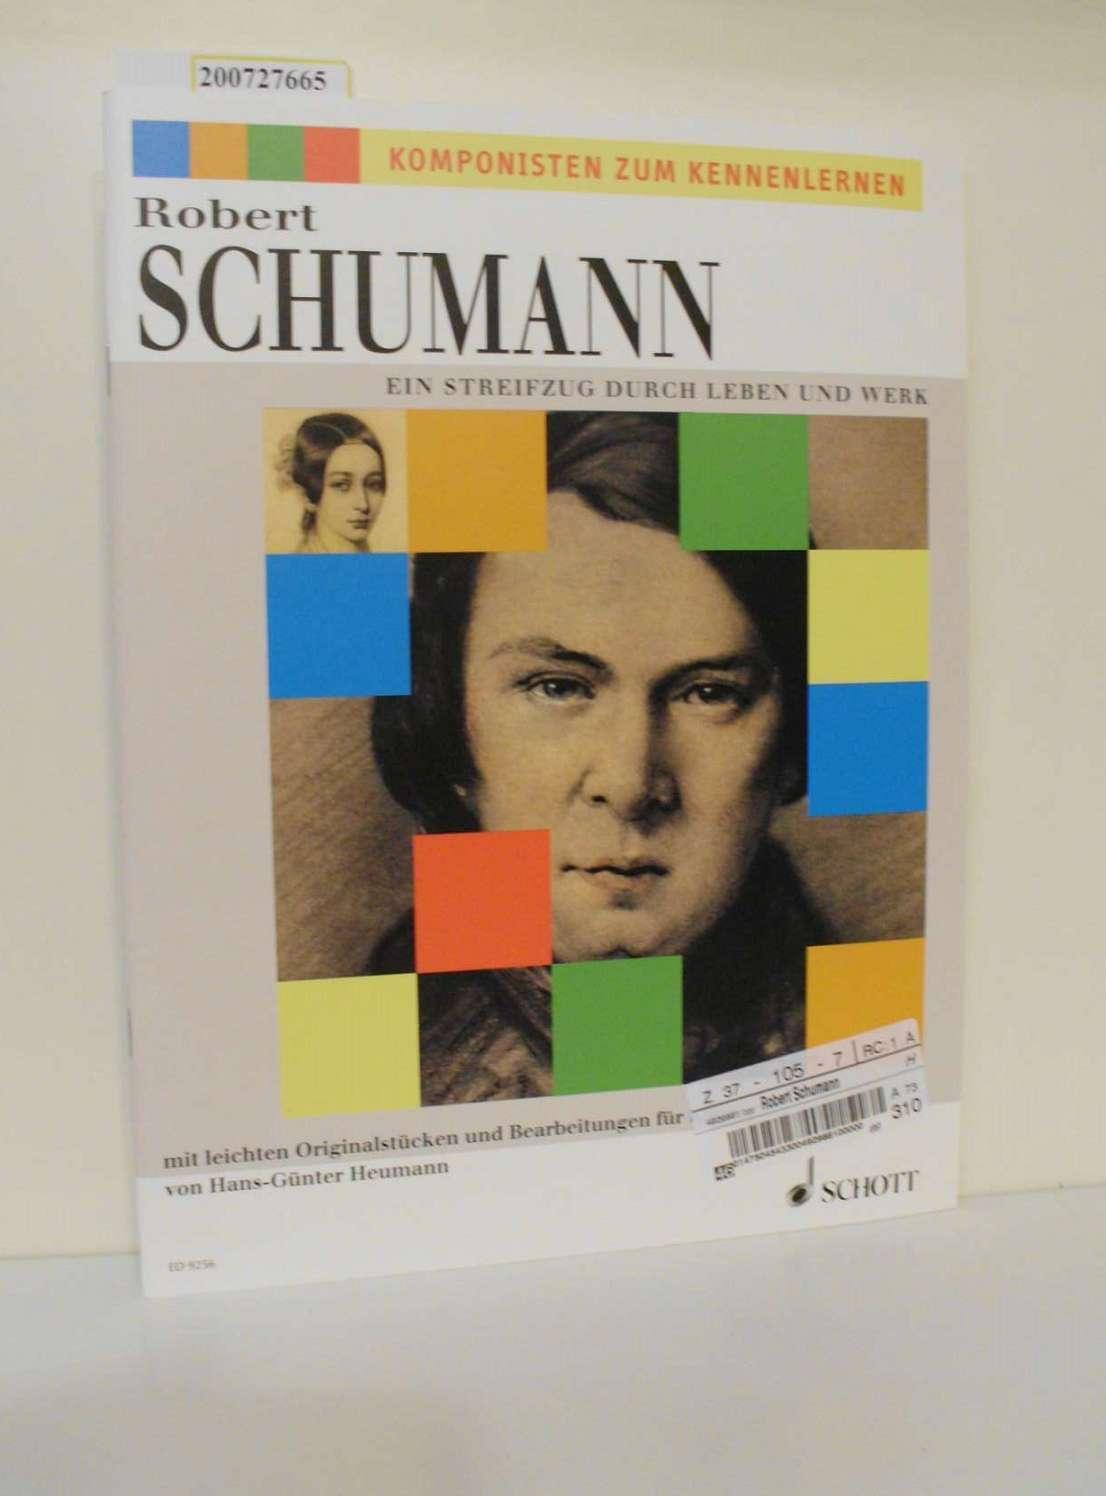 Robert Schumann - Ein Streifzug durch Leben und Werk : mit leichten Originalstücken und Bearbeitungen für Klavier / von Hans-Günter Heumann / Komponisten zum Kennenlernen